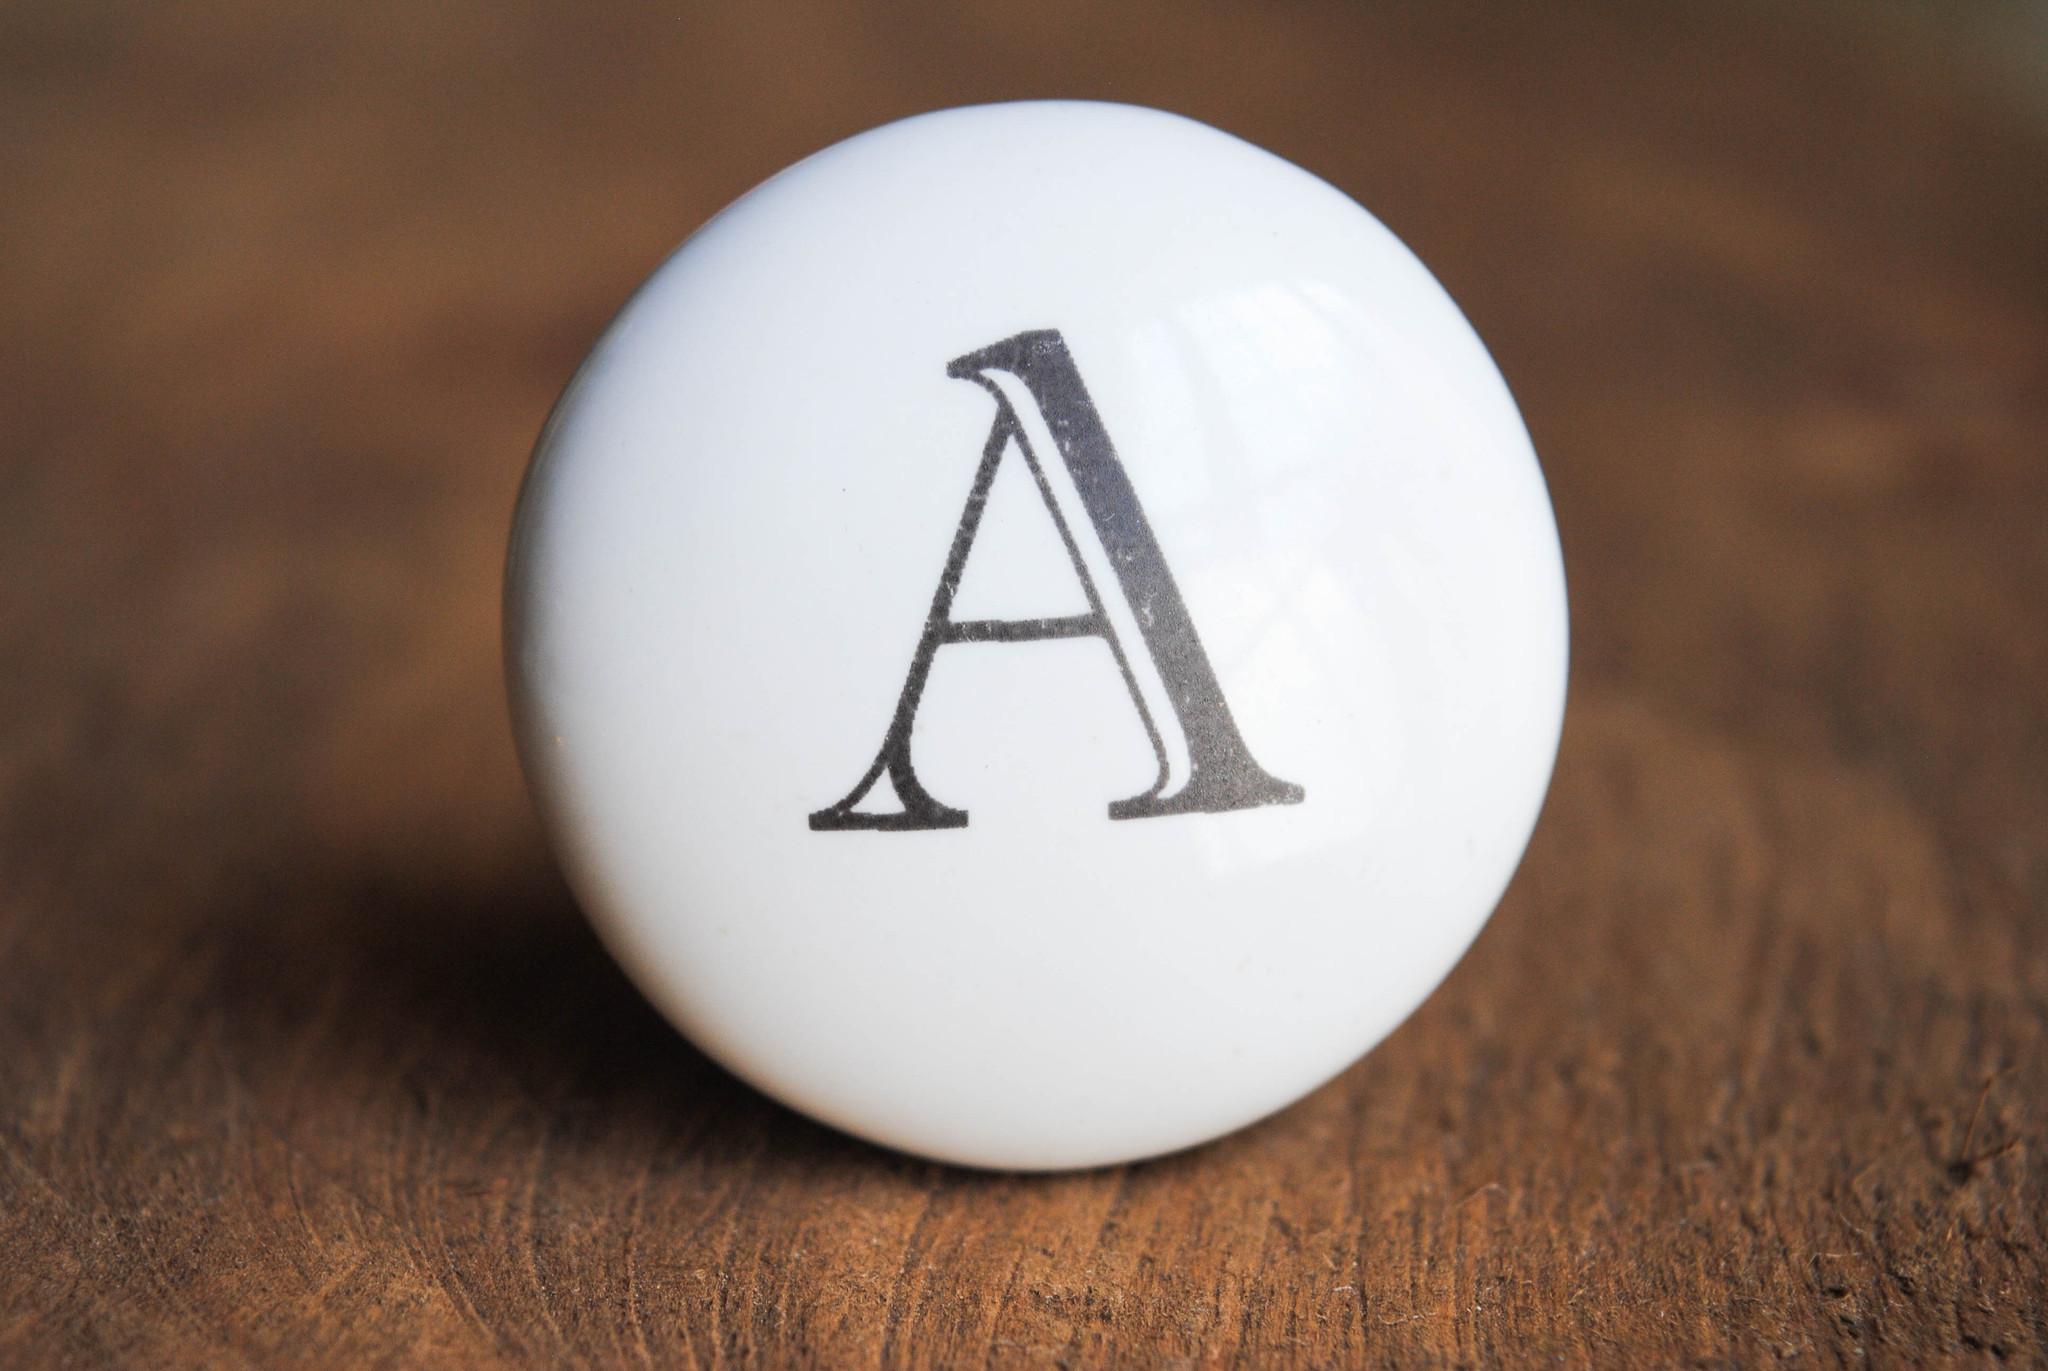 Ceramic Alphabet Knobs by Rustic Brands via Prodigal Pieces | prodigalpieces.com